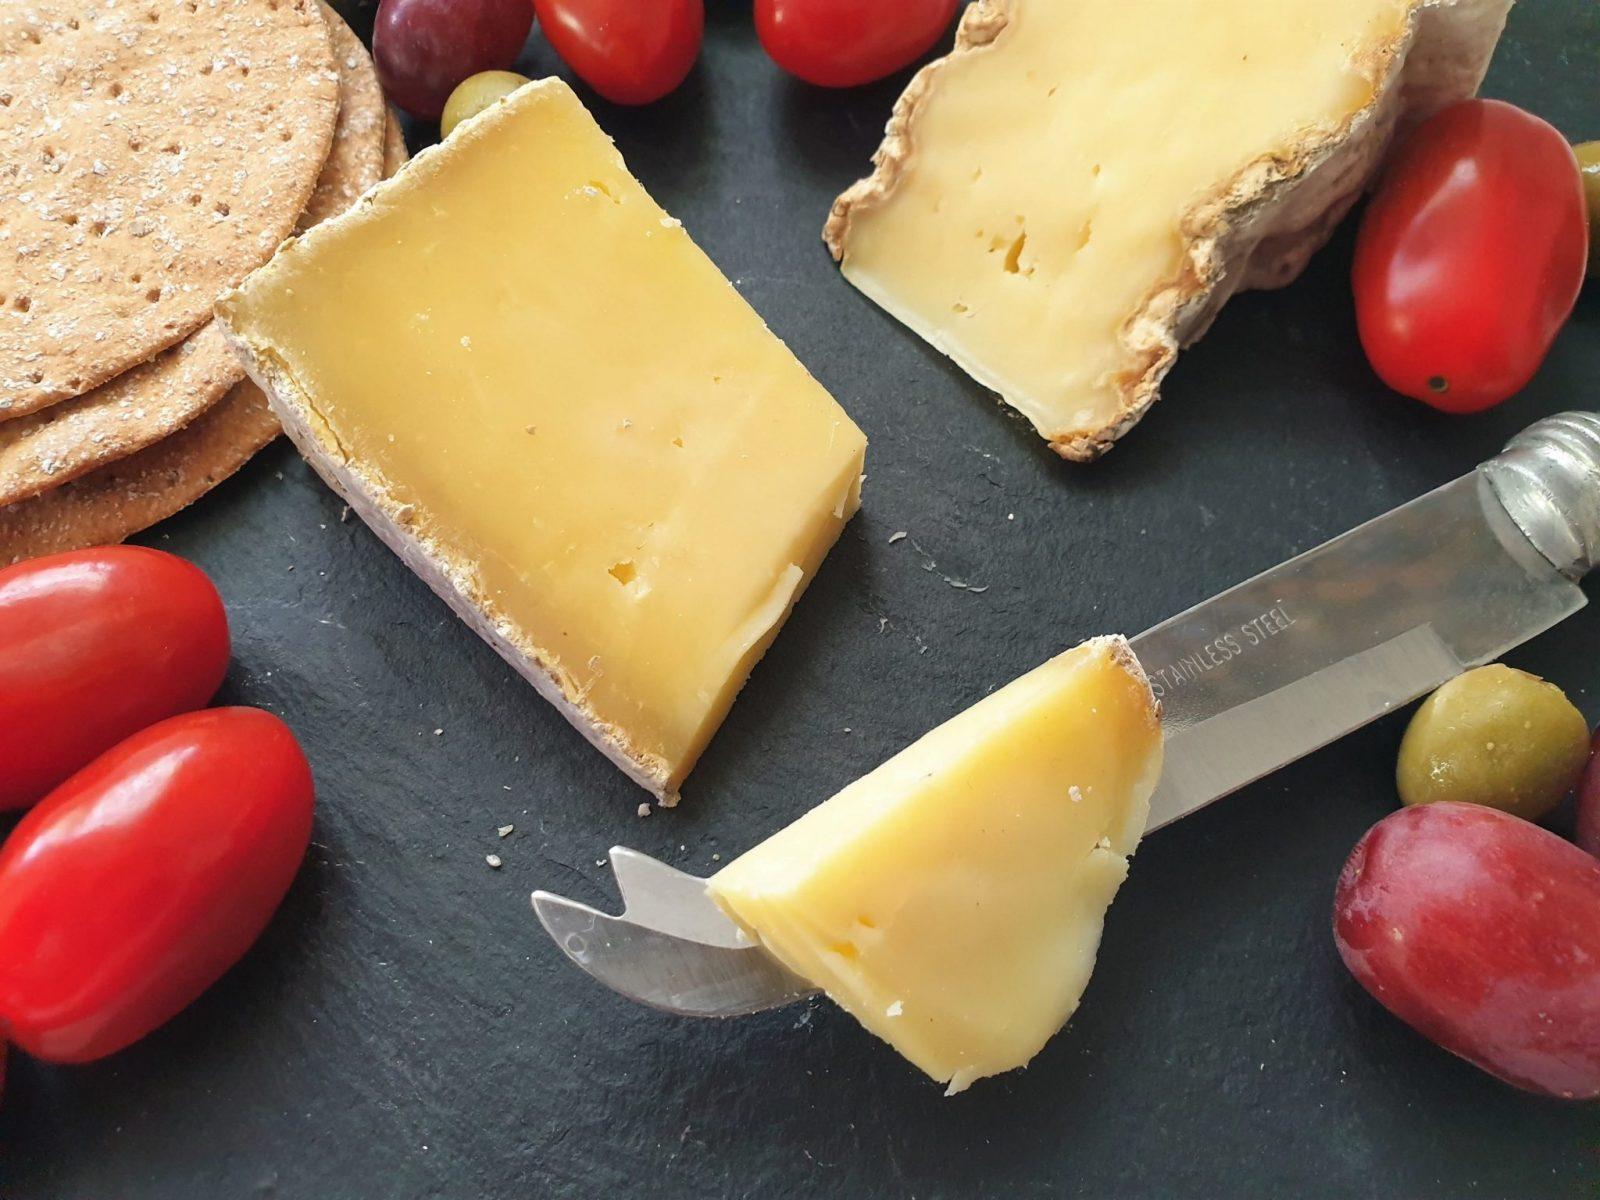 Gimblett's cheesemaker